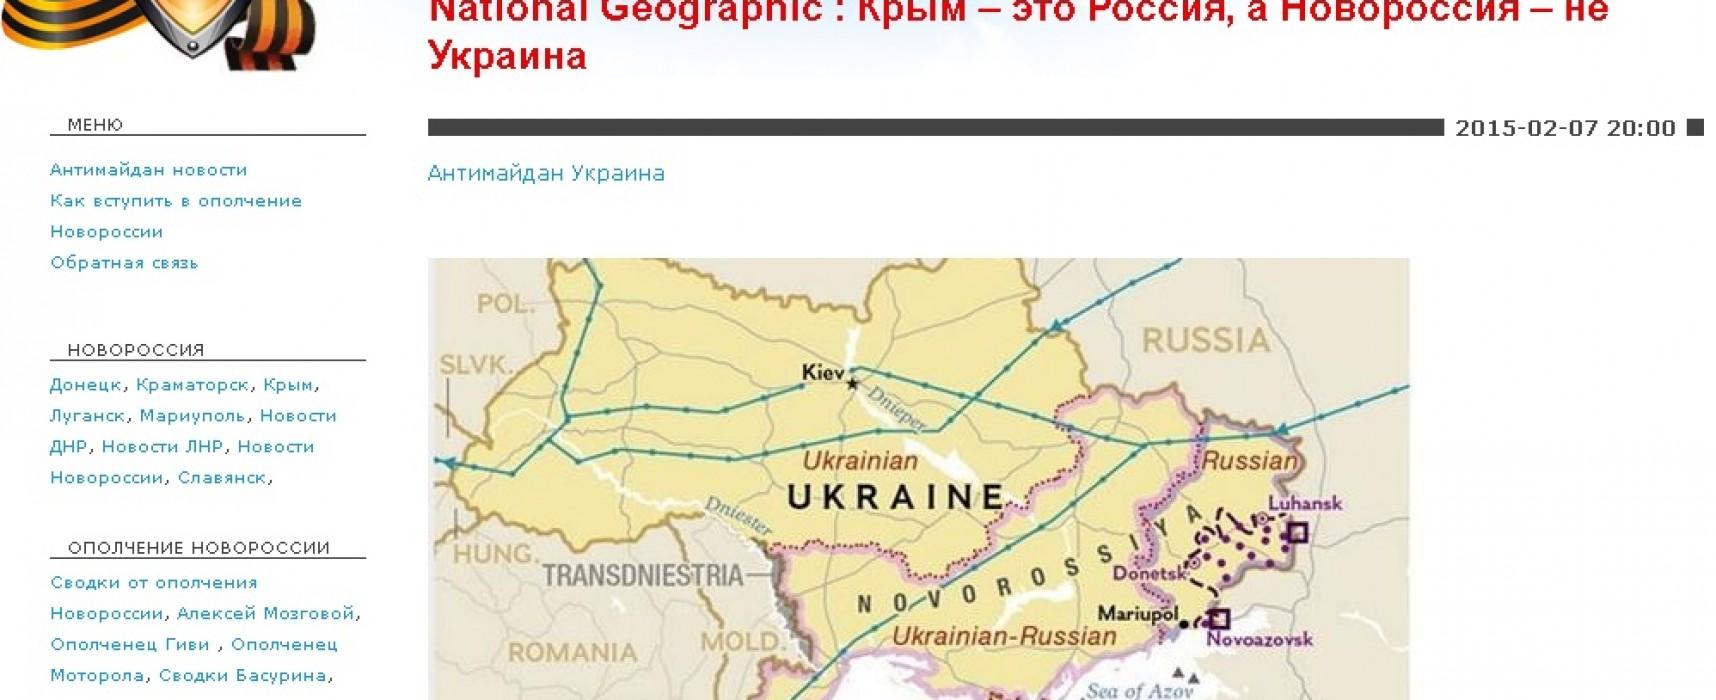 Фейк: авторитетный американский журнал признал Крым и часть Донбасса территорией России